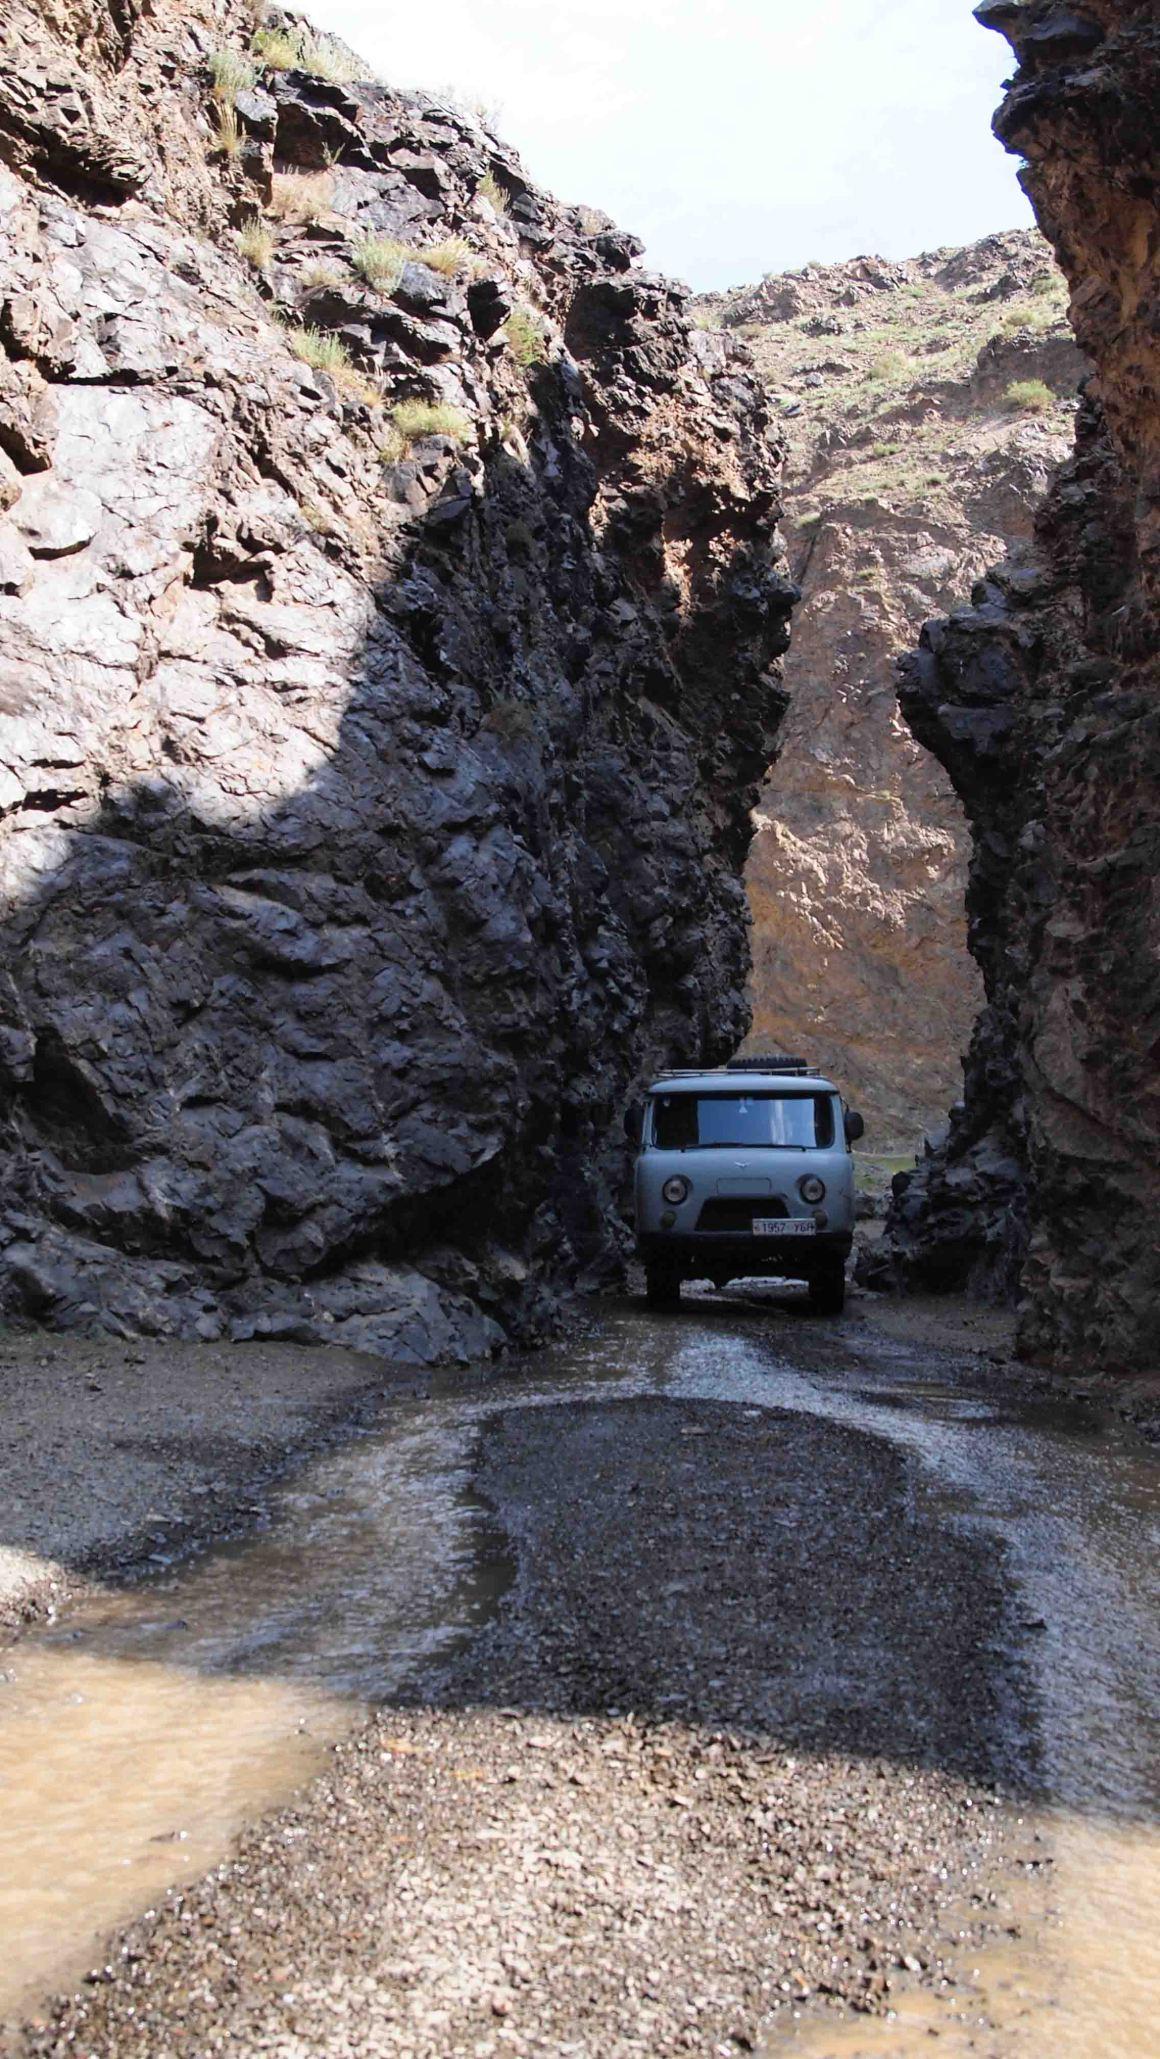 viajes-por-desierto-gobi-mongolia